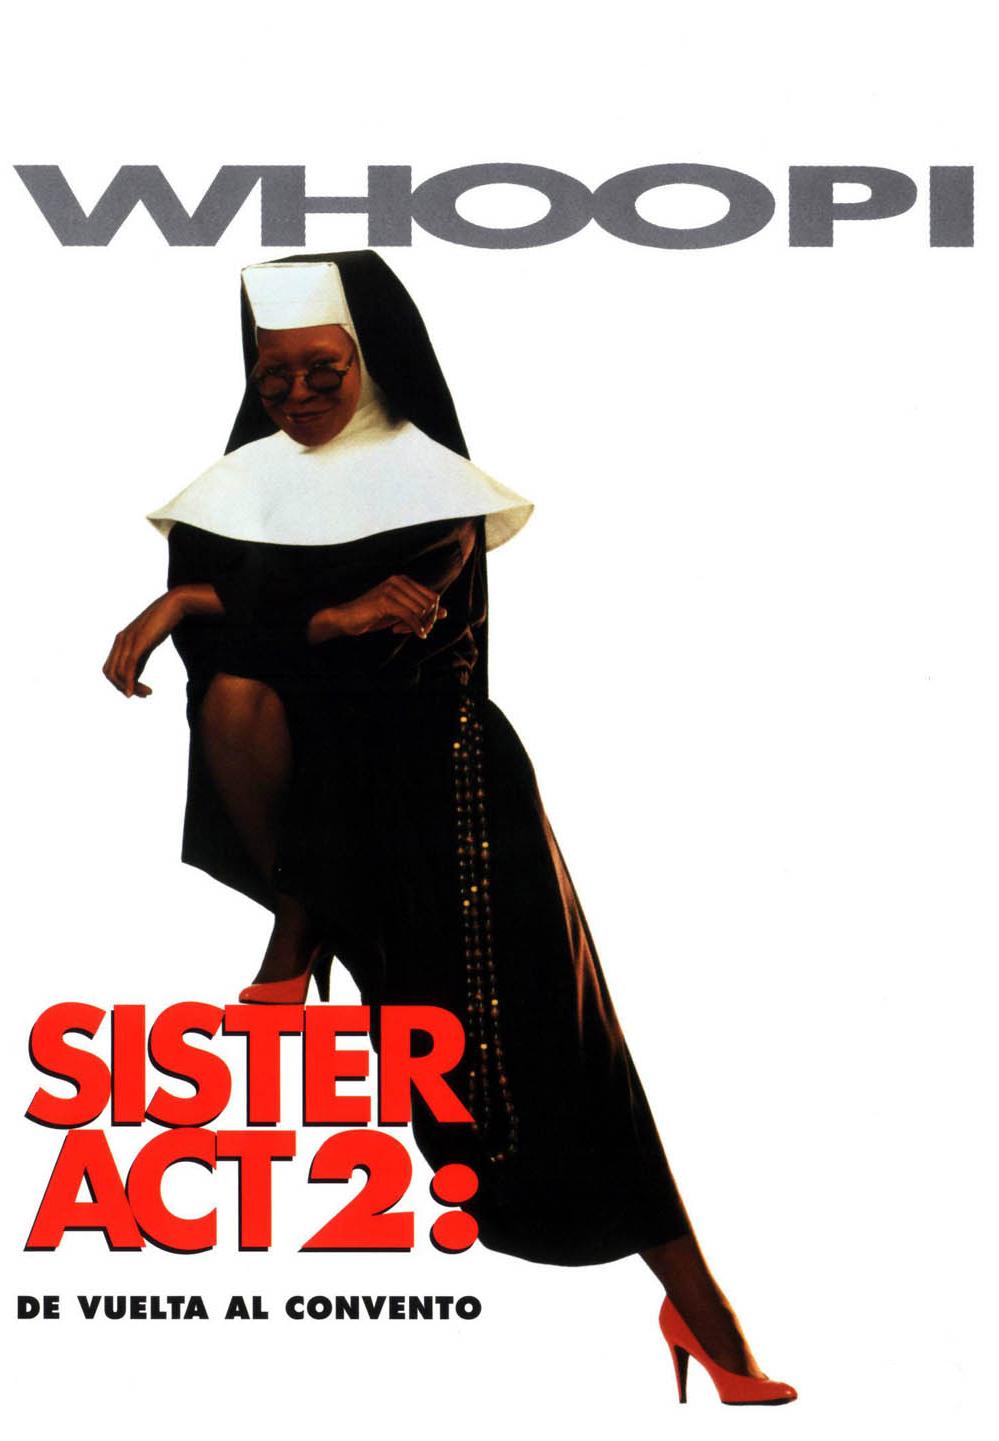 Sister act 3 release date : trouvez le meilleur prix sur Voir avant ...